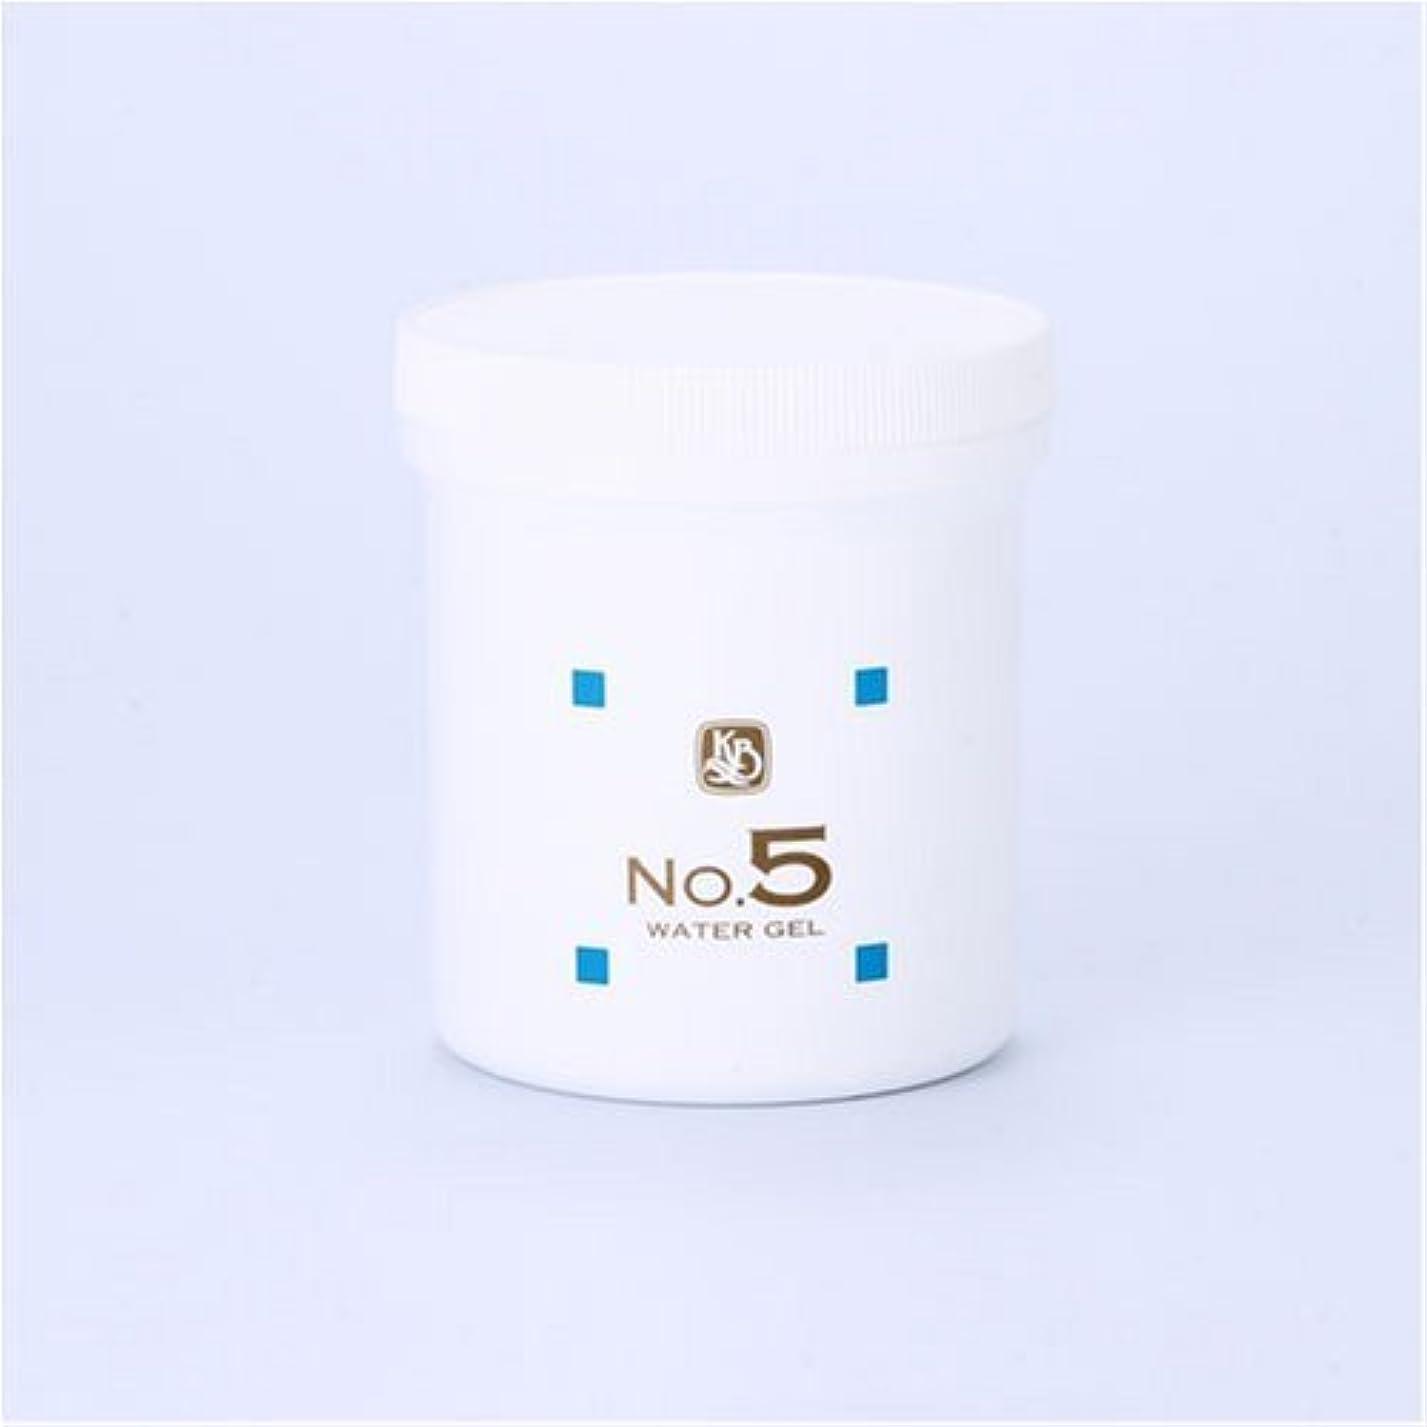 アルファベット十トランジスタ顔を洗う水シリーズ ウォーターゲルNo.5 500g